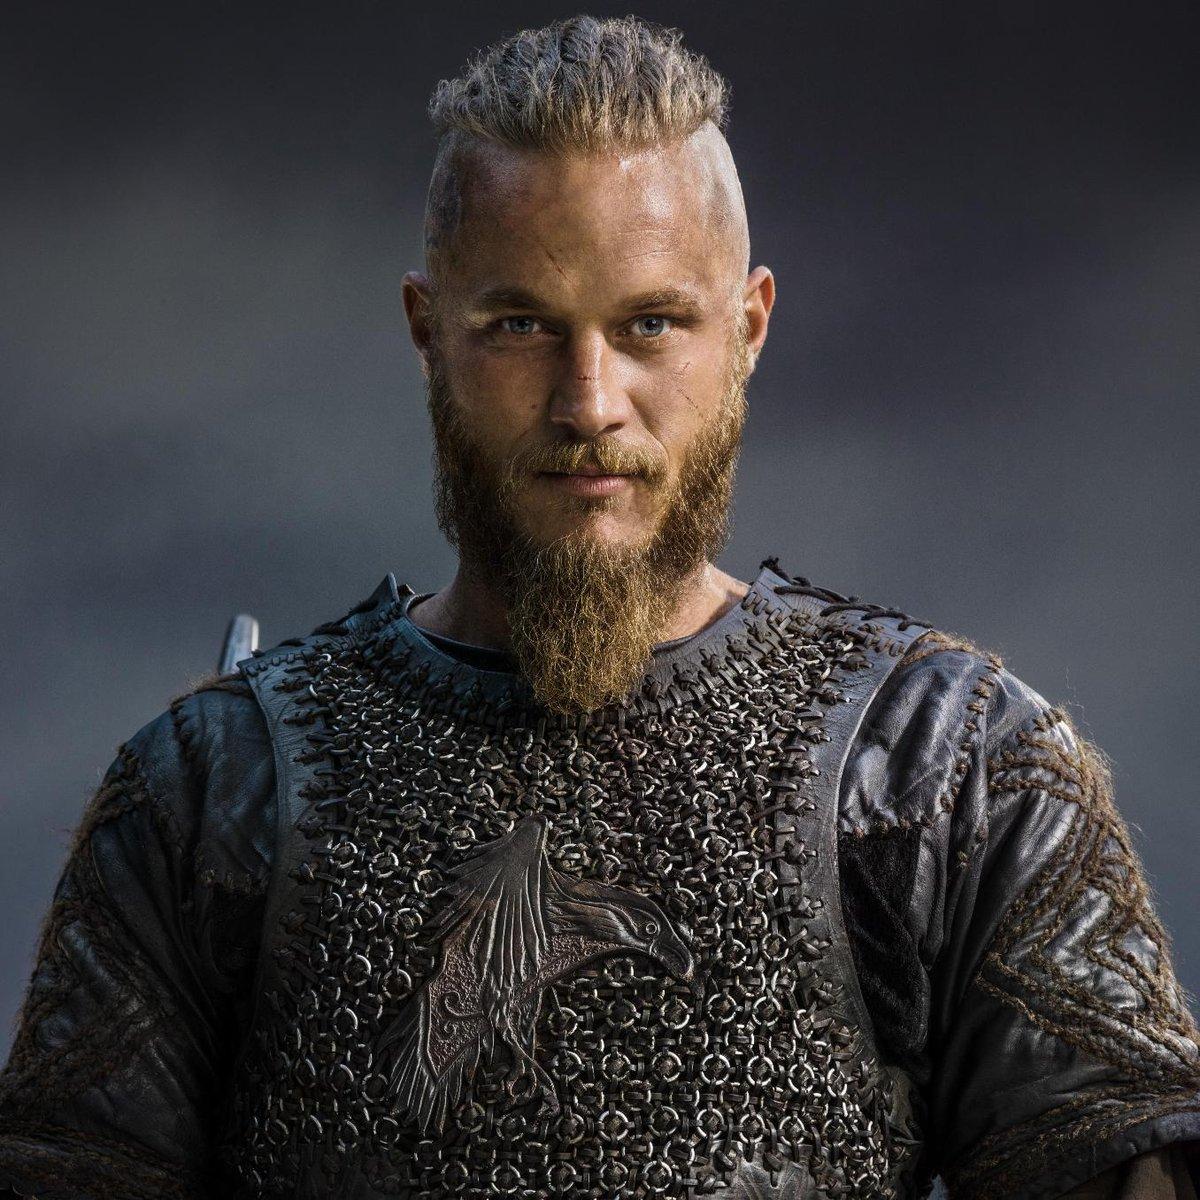 Haakon Scheie On Twitter Ragnar Lothbrok Lookalike Daniele De